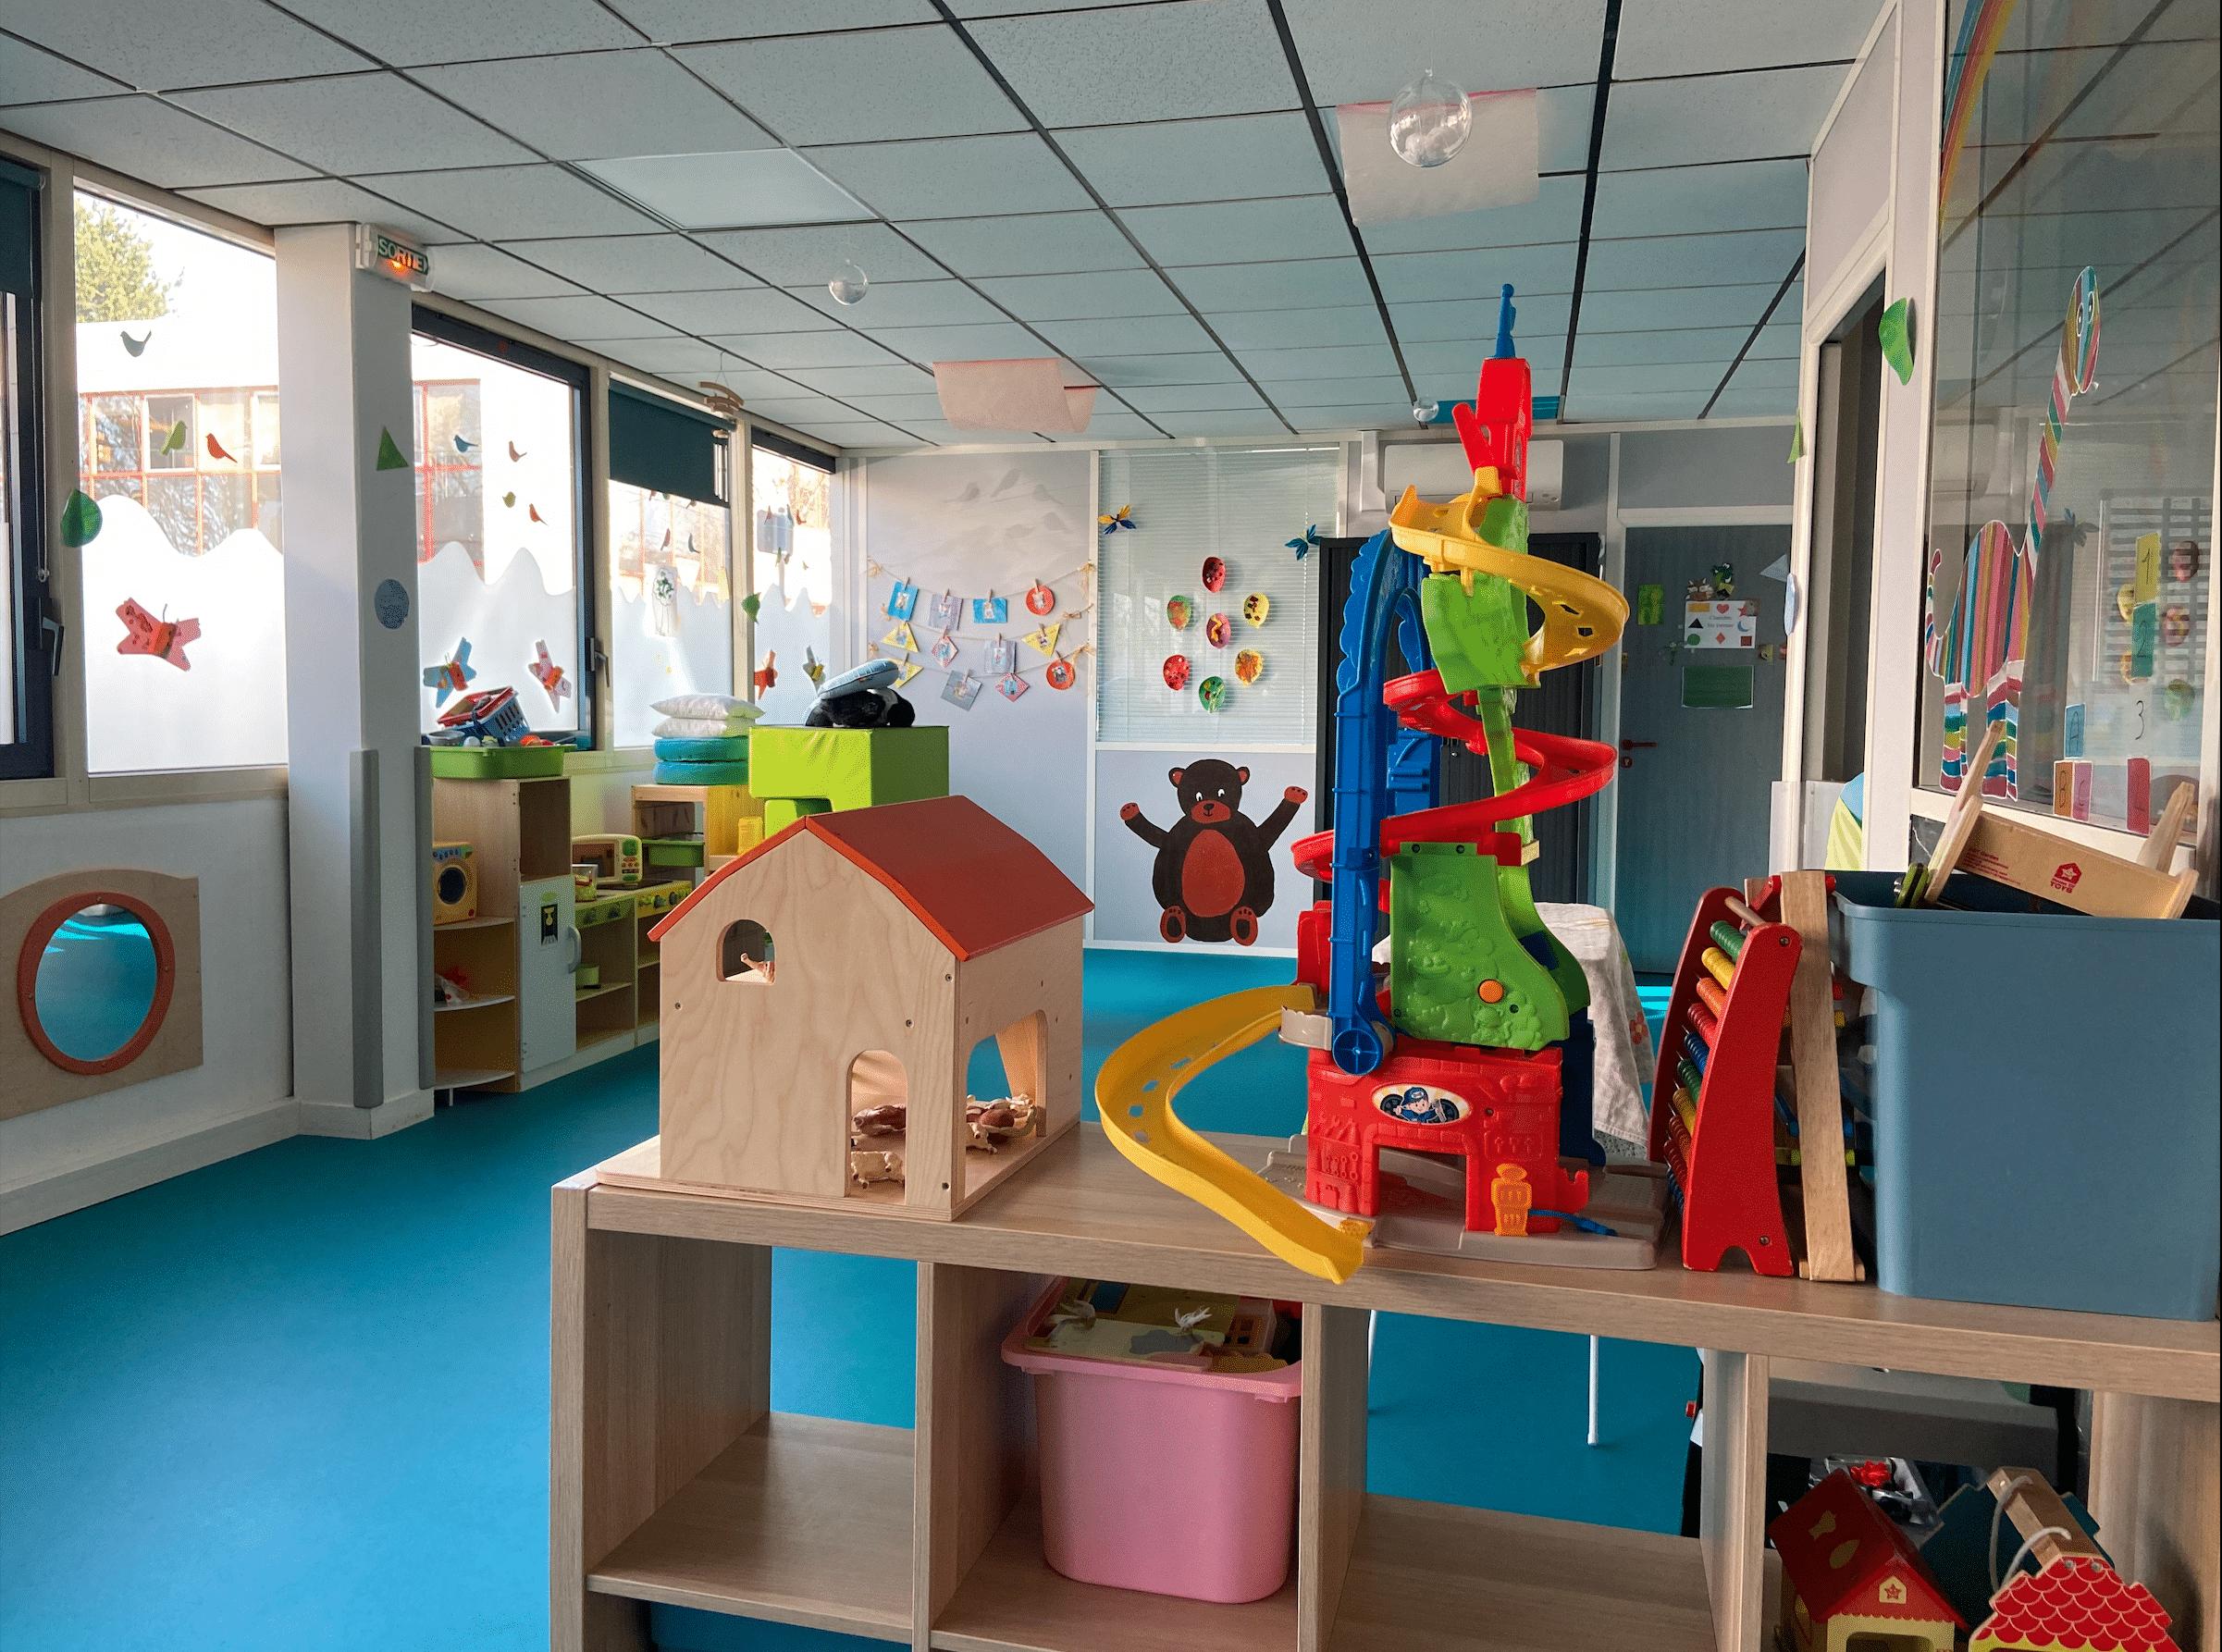 Vue d'ensemble sol bleu et jouets micro-crèche bois guillaume